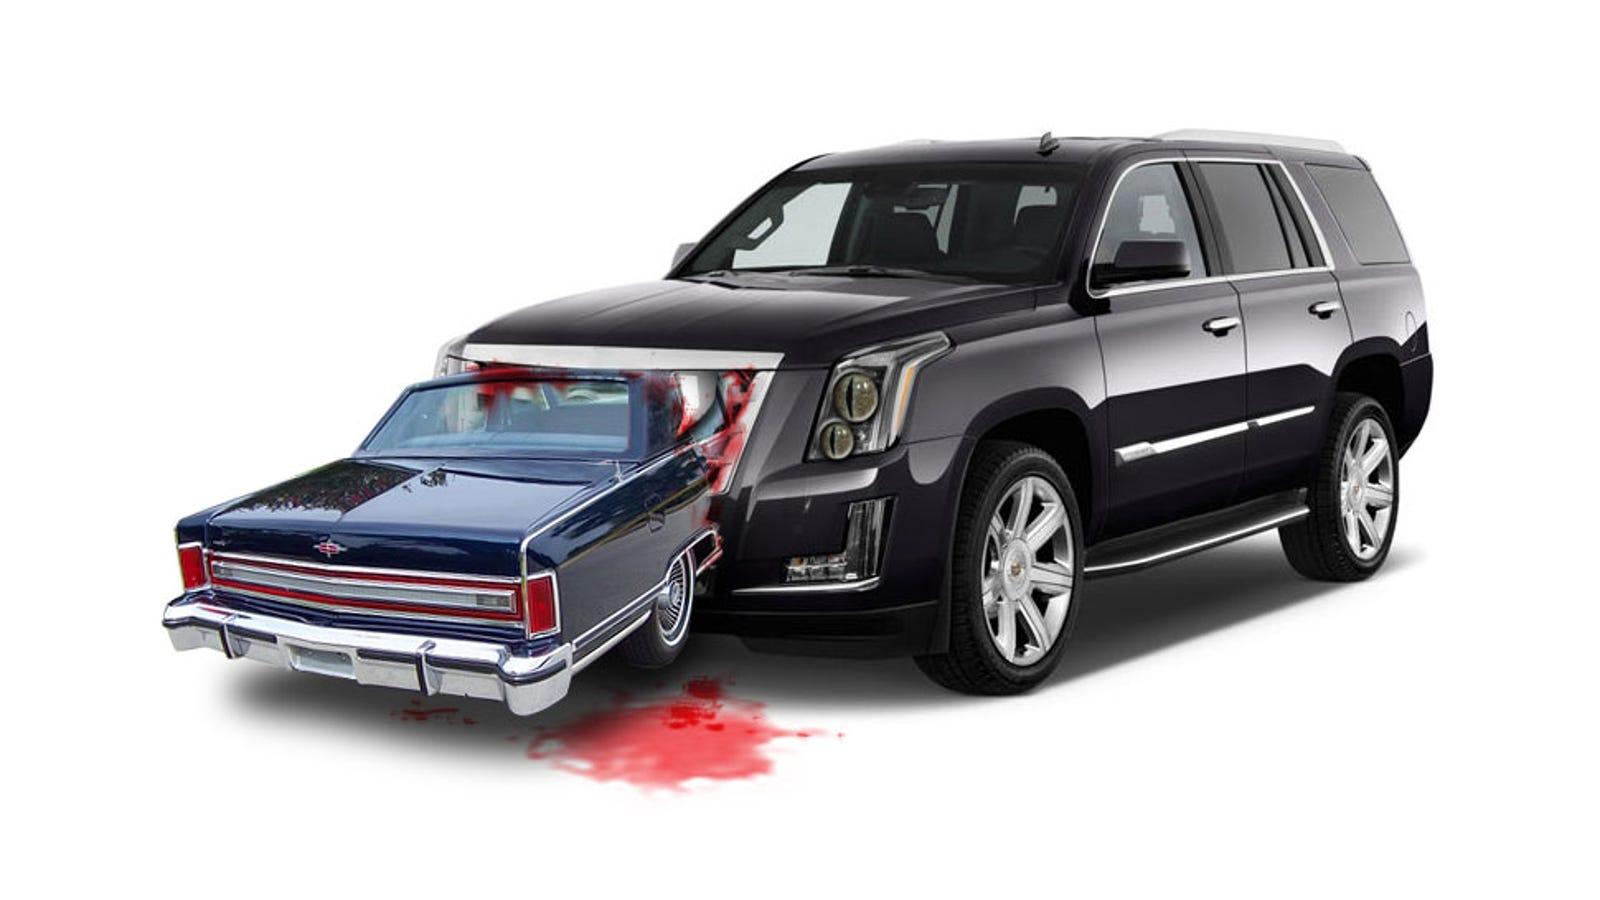 Luxury Cars Sedans: The Luxury SUV Has Killed The Luxury Sedan